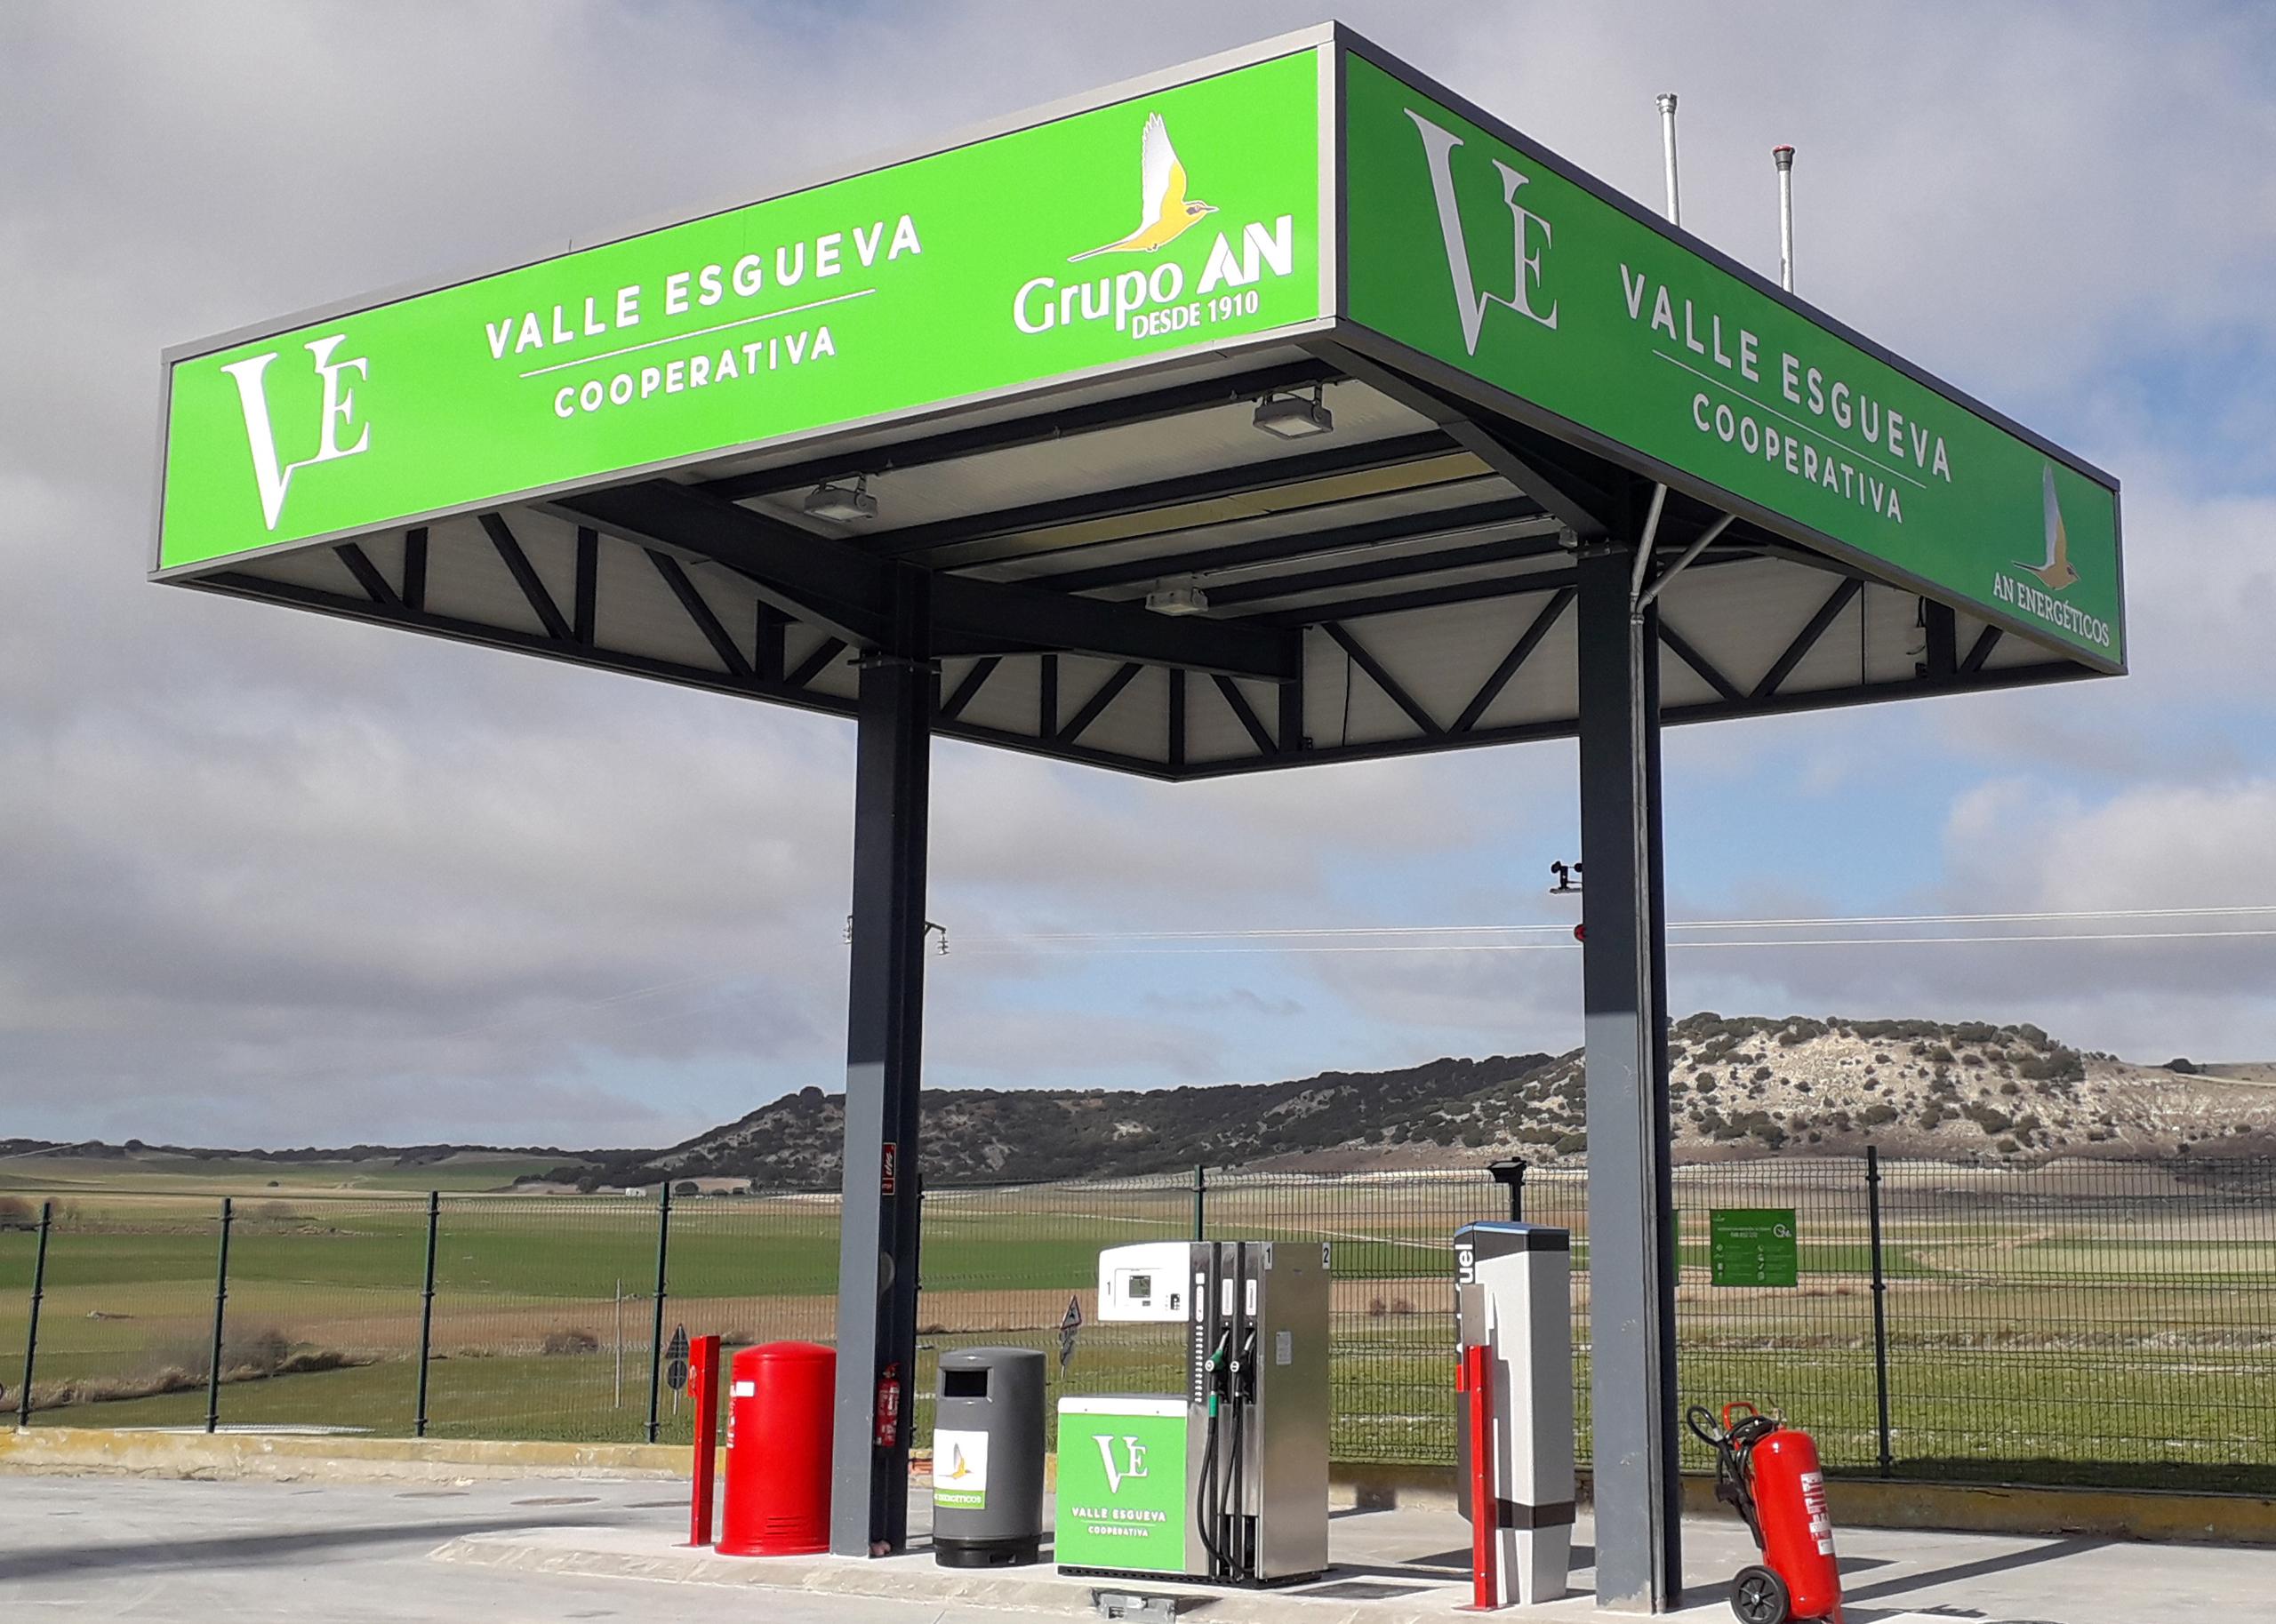 Nueva Gasolinera AN Energeticos Cooperativa Valle de Esgueva